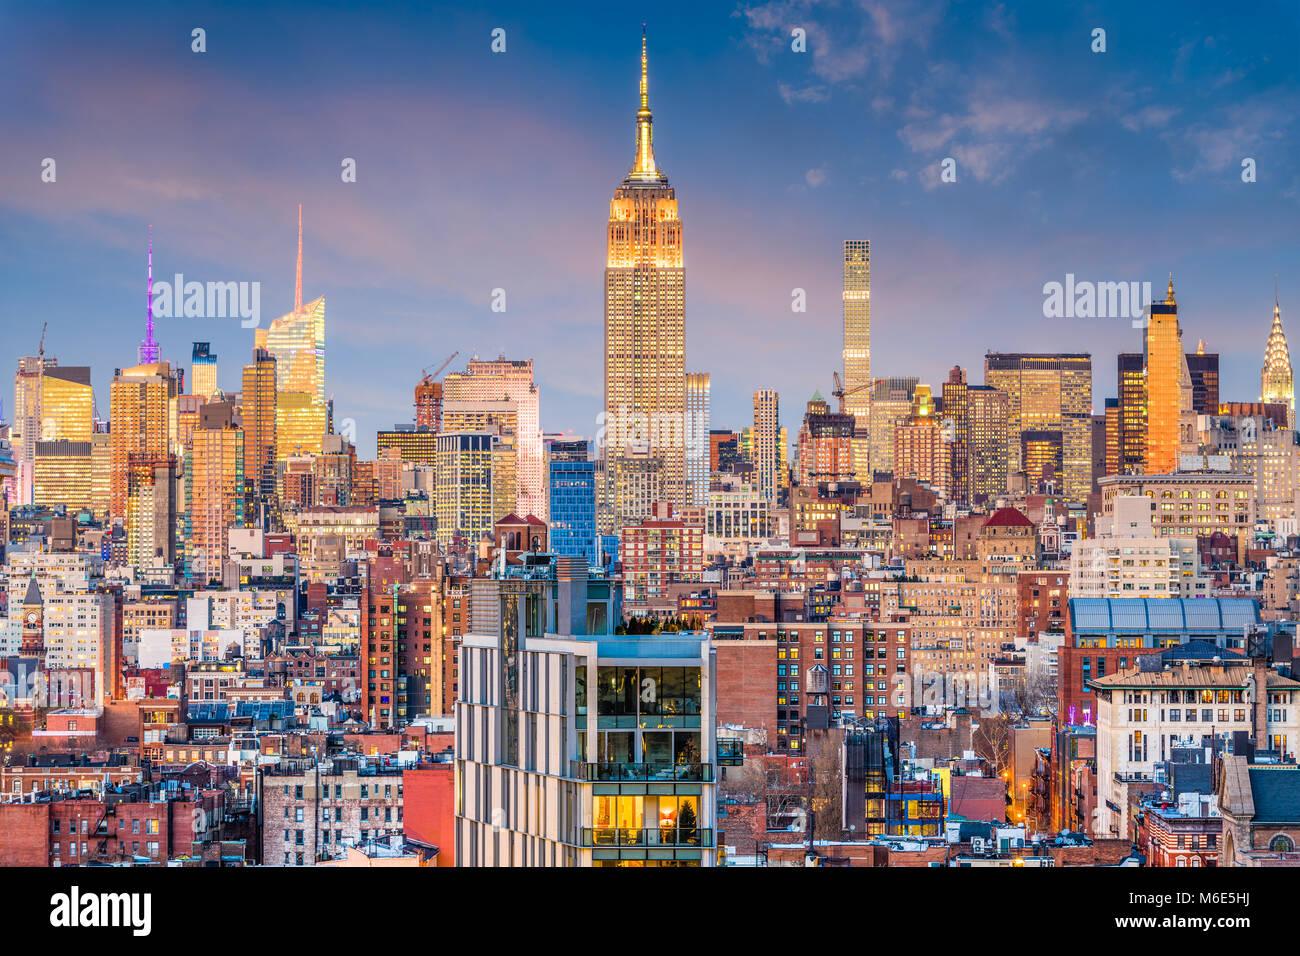 La Ciudad de Nueva York, EE.UU. midtown Manhattan al anochecer. Imagen De Stock